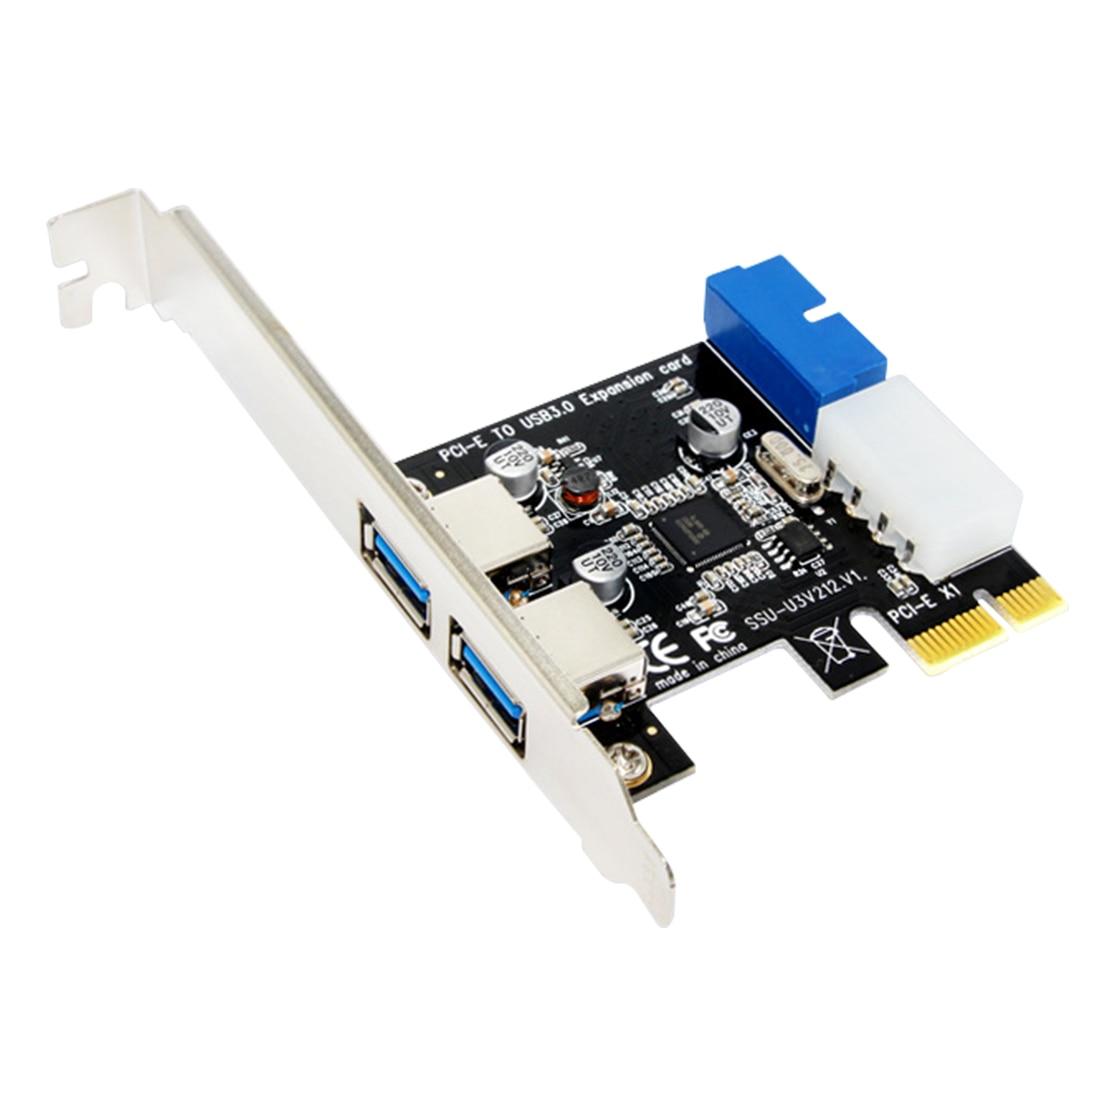 Etmakit горячая Распродажа USB 3,0 PCI-E Expansion Card Внешний 2 порта USB3.0 + внутренний 19pin разъем питания для карты PCIe 4pin IDE